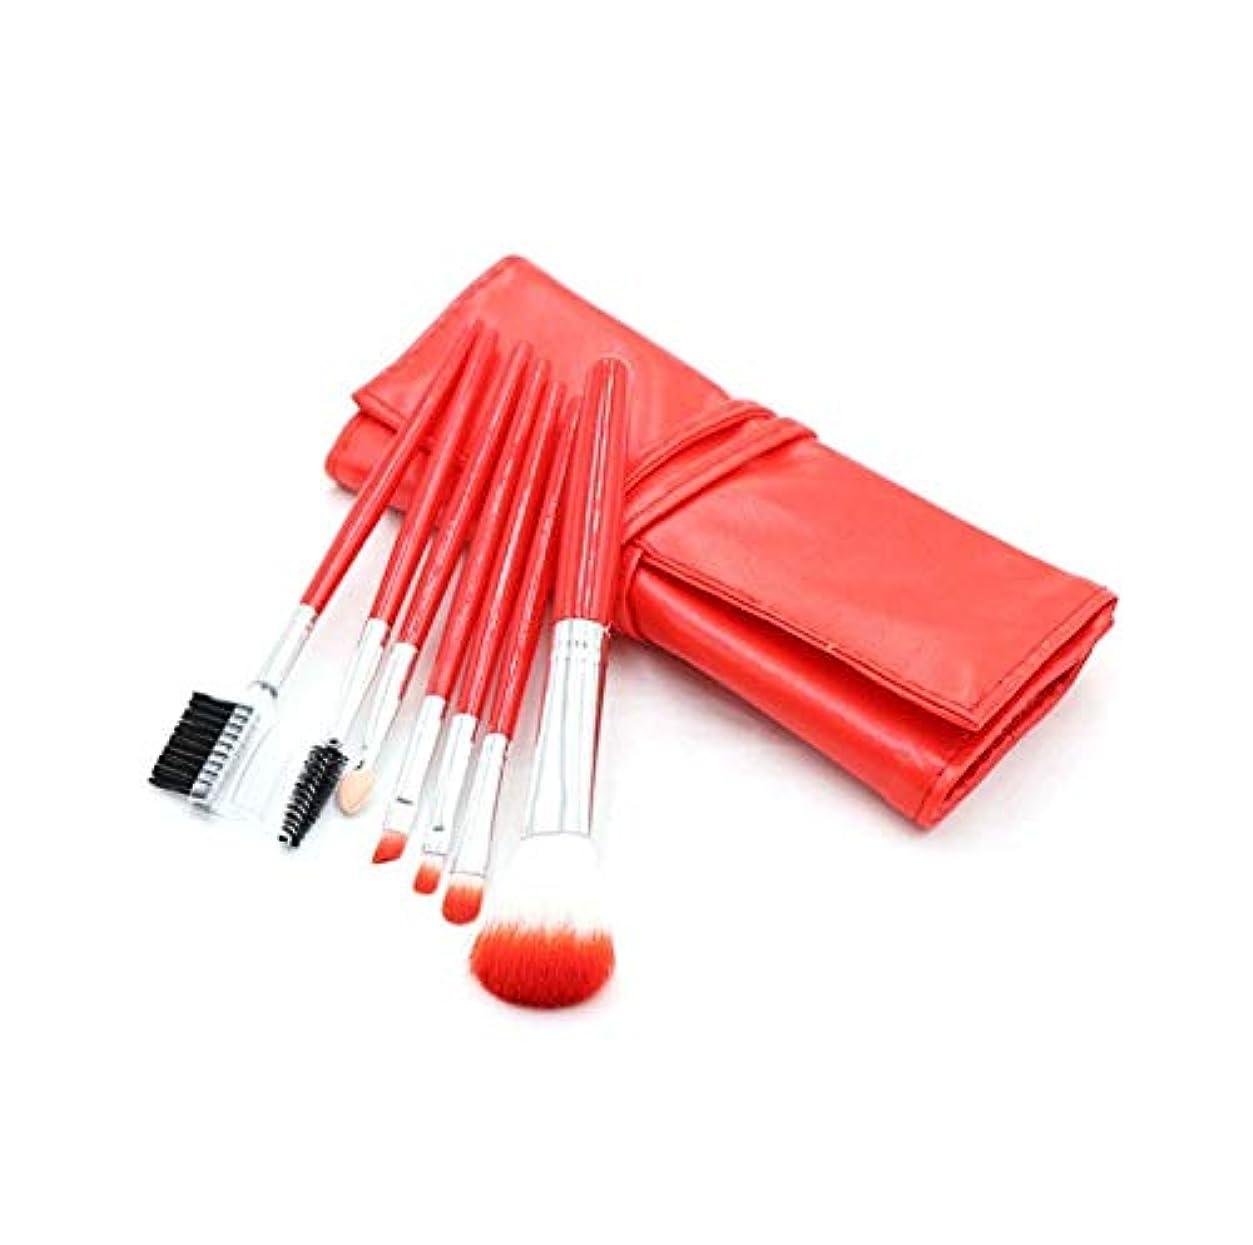 パニック進む実行する化粧ブラシセット、赤7化粧ブラシ化粧ブラシセットアイシャドウブラシリップブラシ美容化粧道具